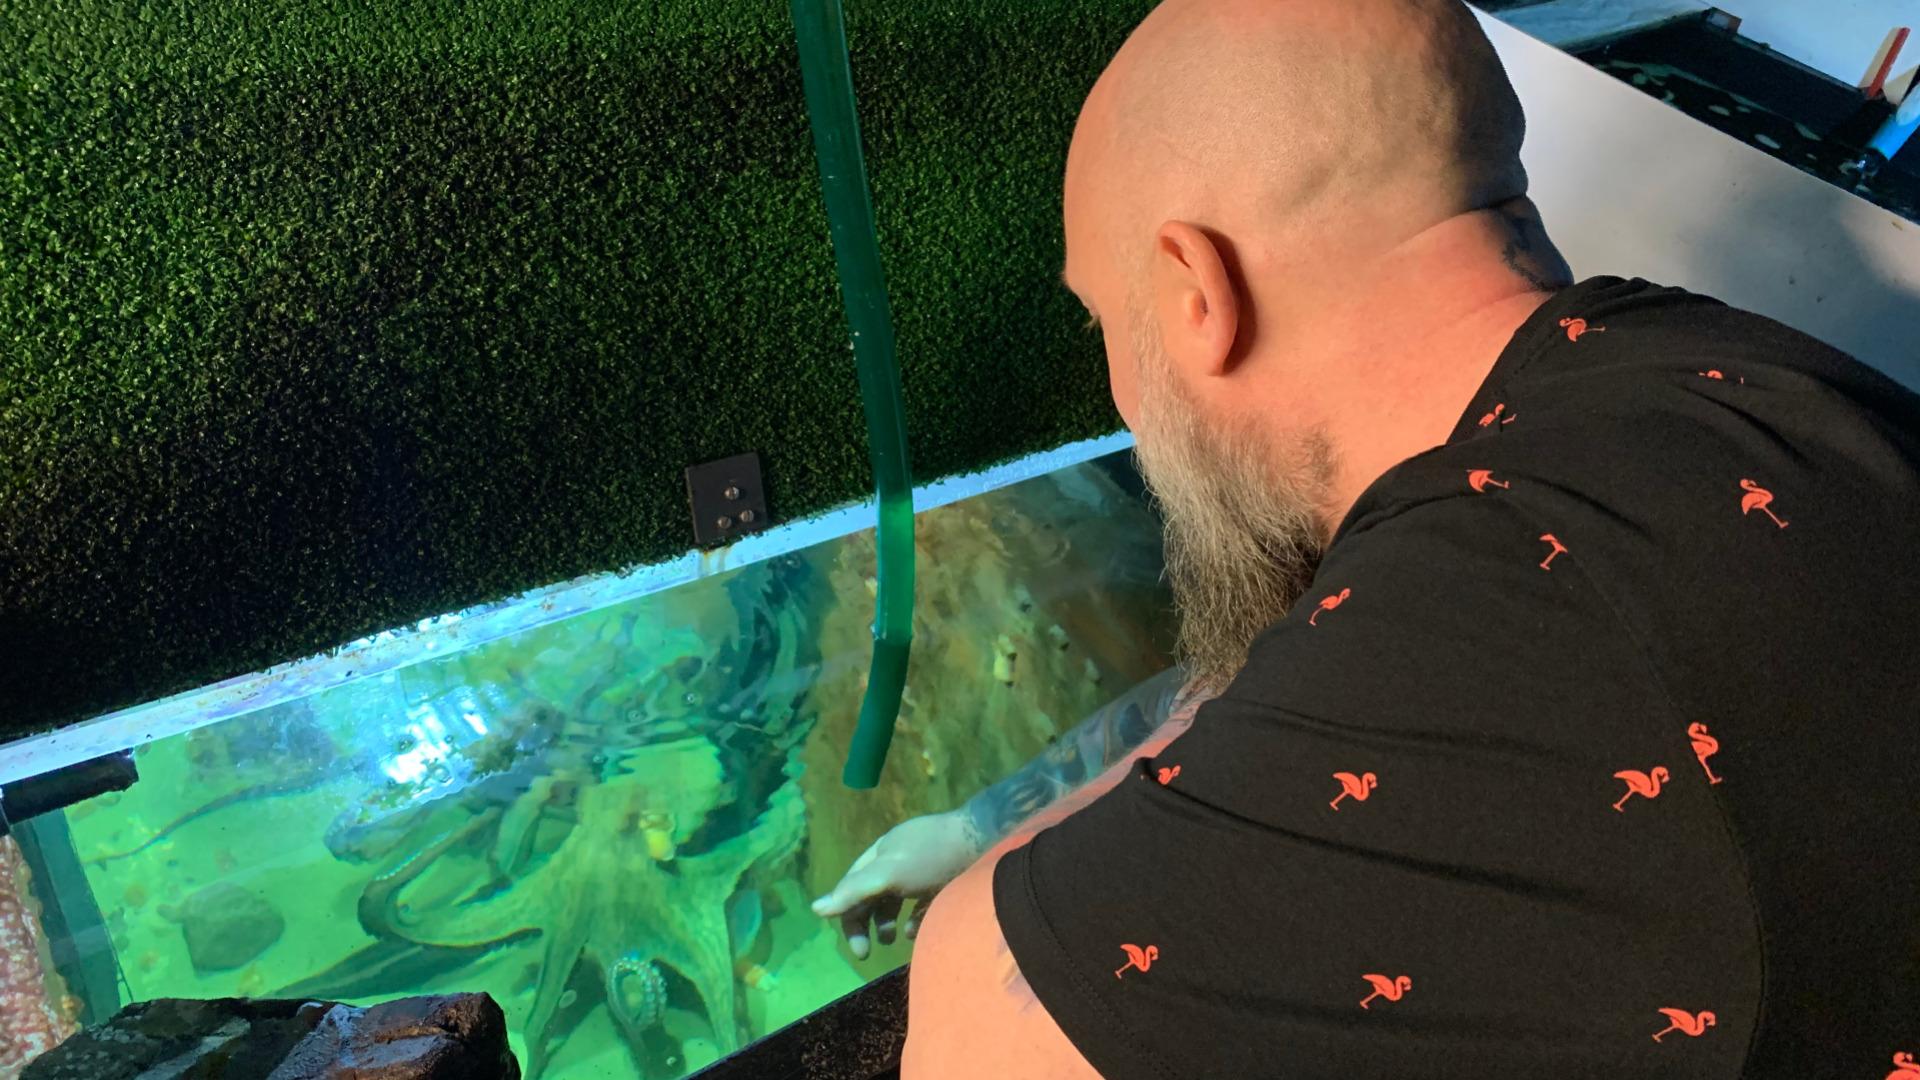 Uno Gregersen prøver at få kontat med blæksprutten